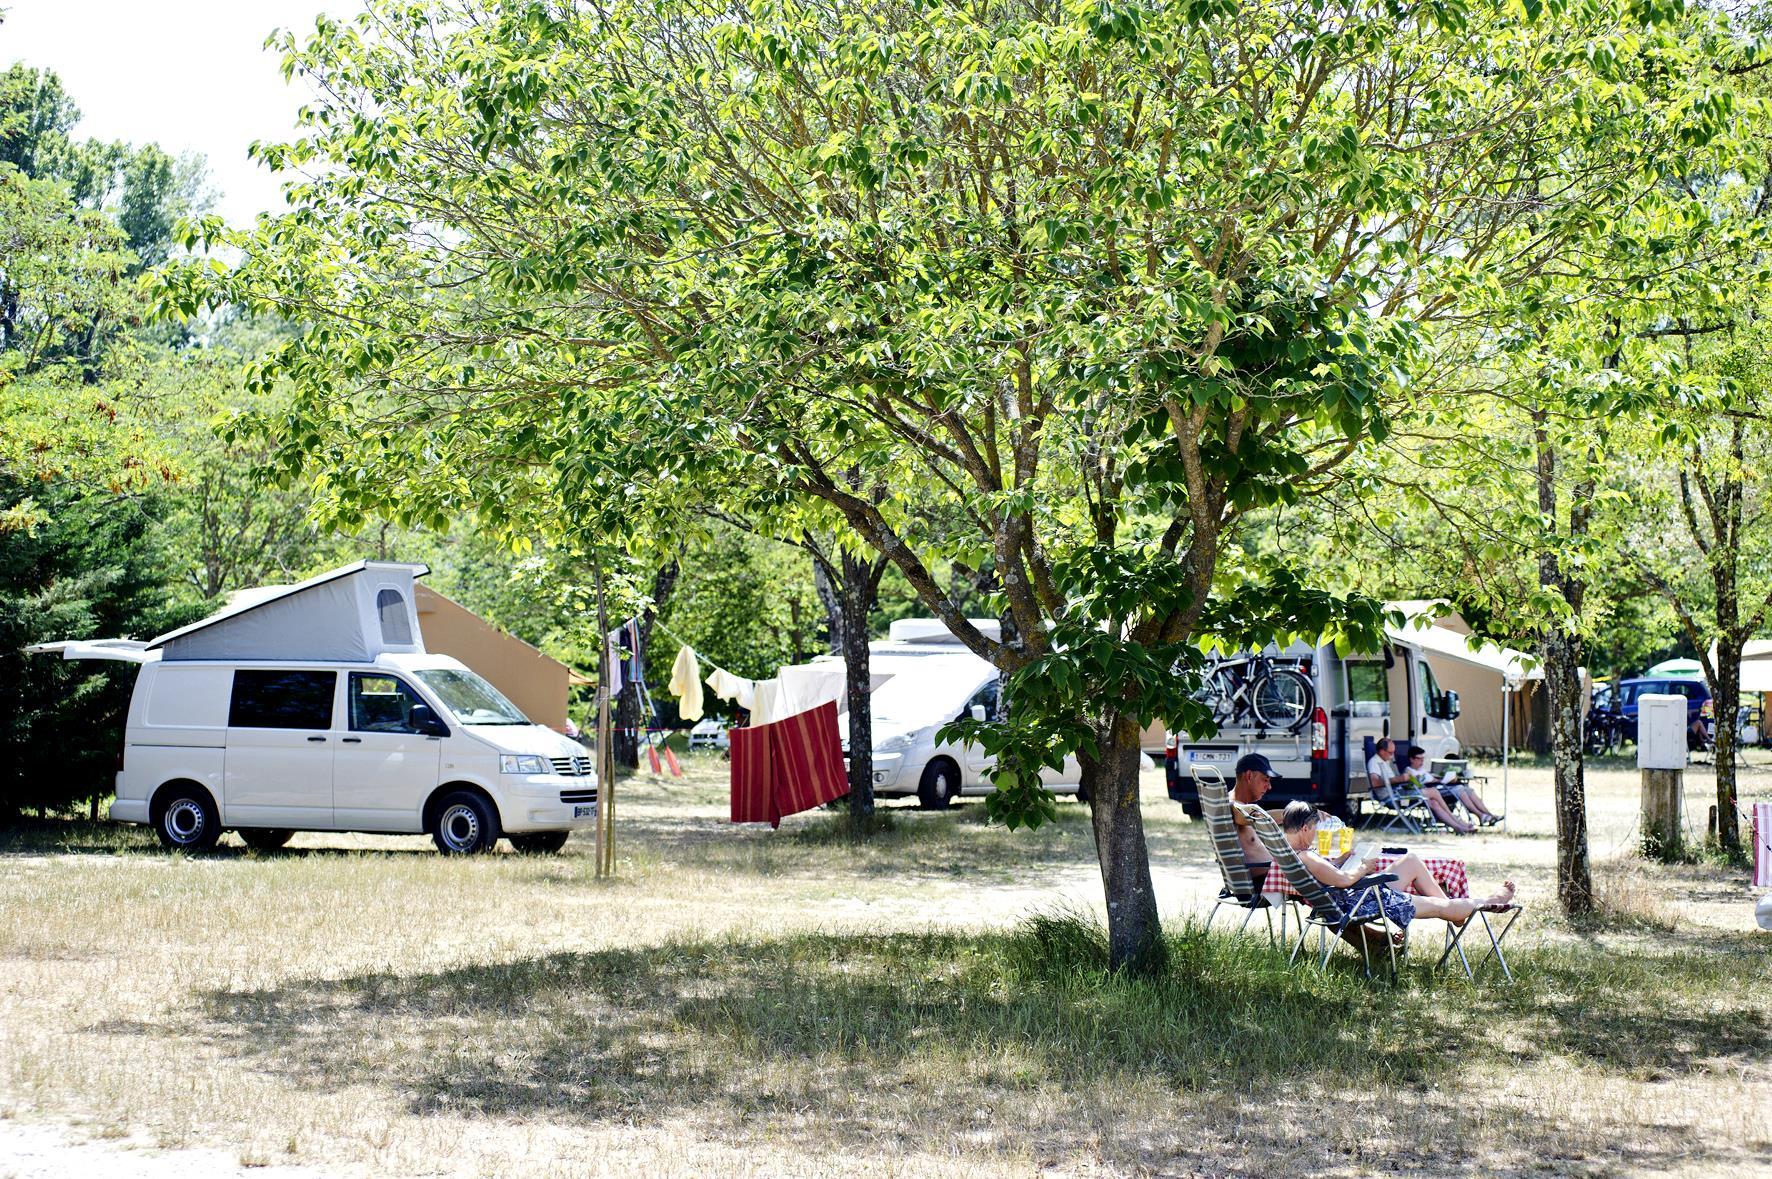 Camping Huttopia le Moulin, Saint-Martin-d'Ardeche, Ardèche